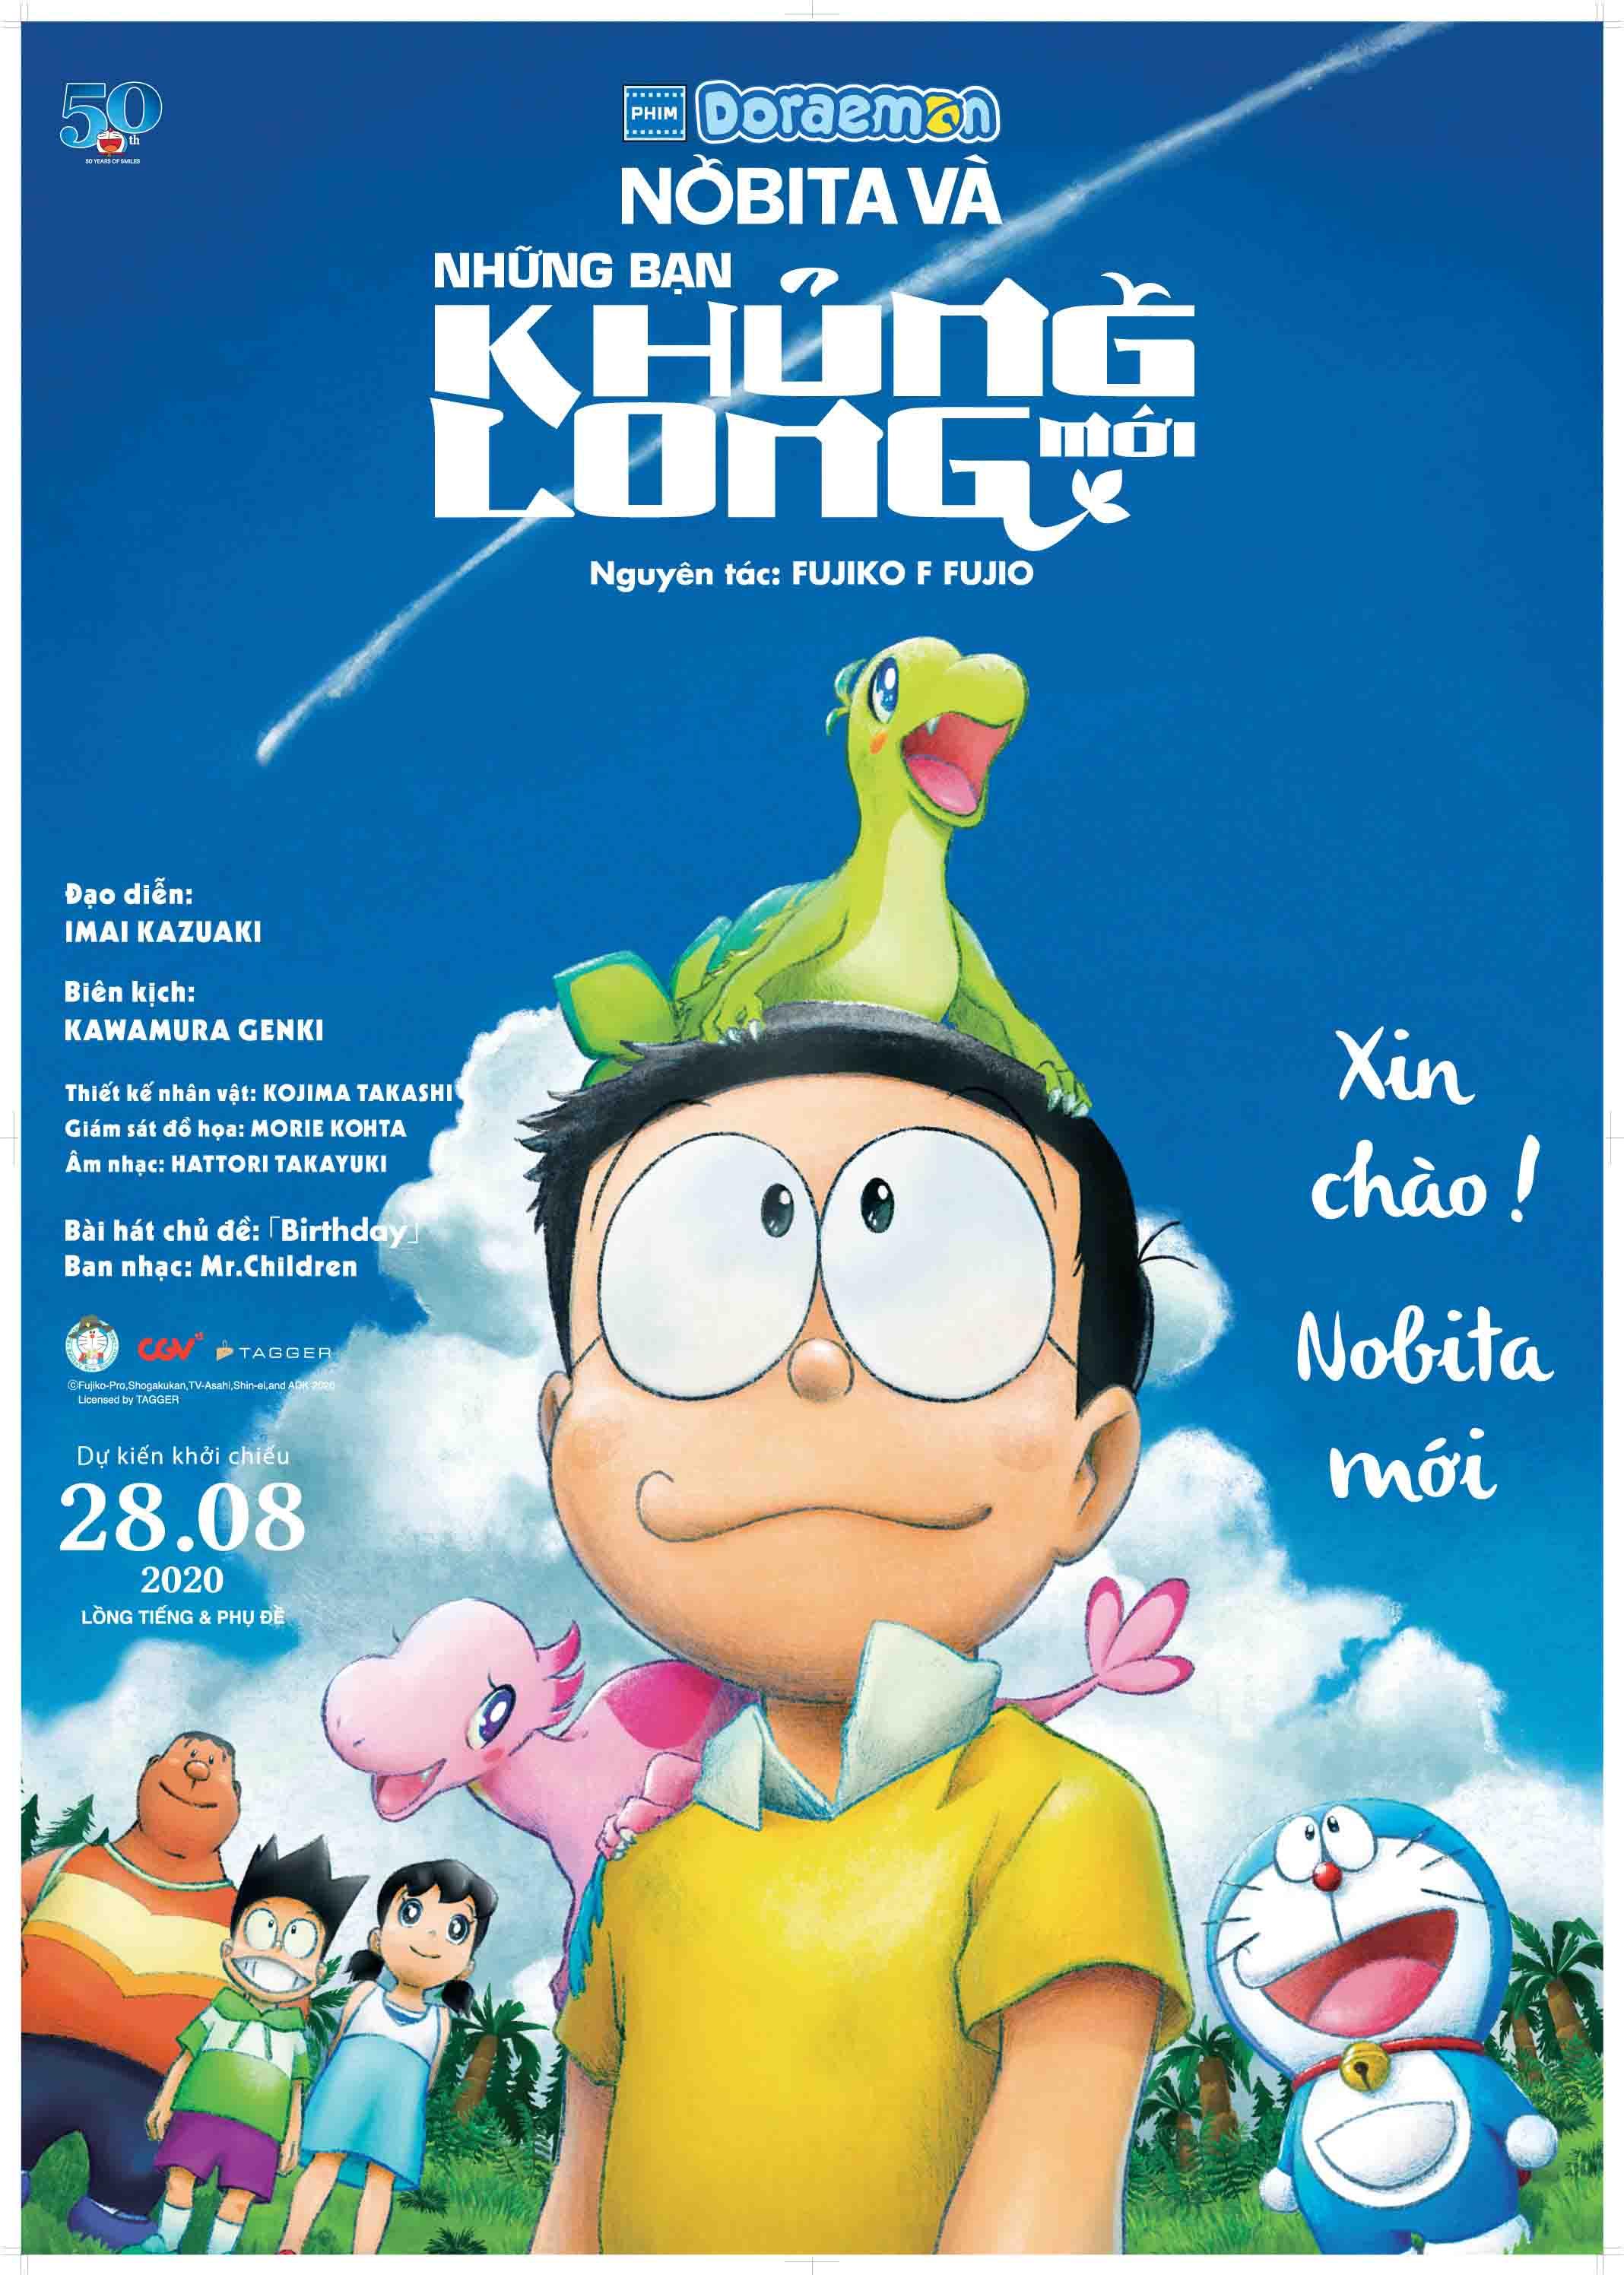 phim chieu rap Doraemon